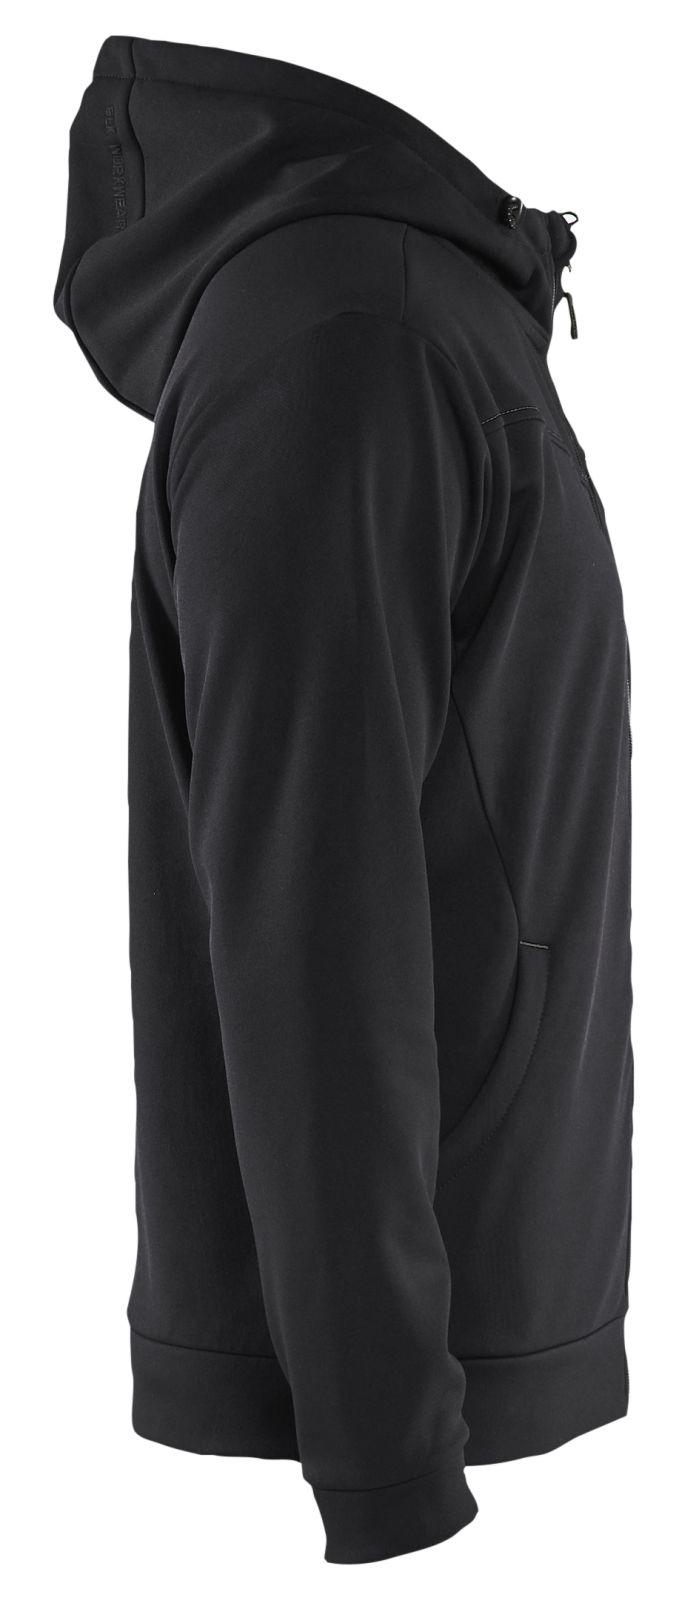 Blaklader Vesten 33632526 zwart-grijs(9998)